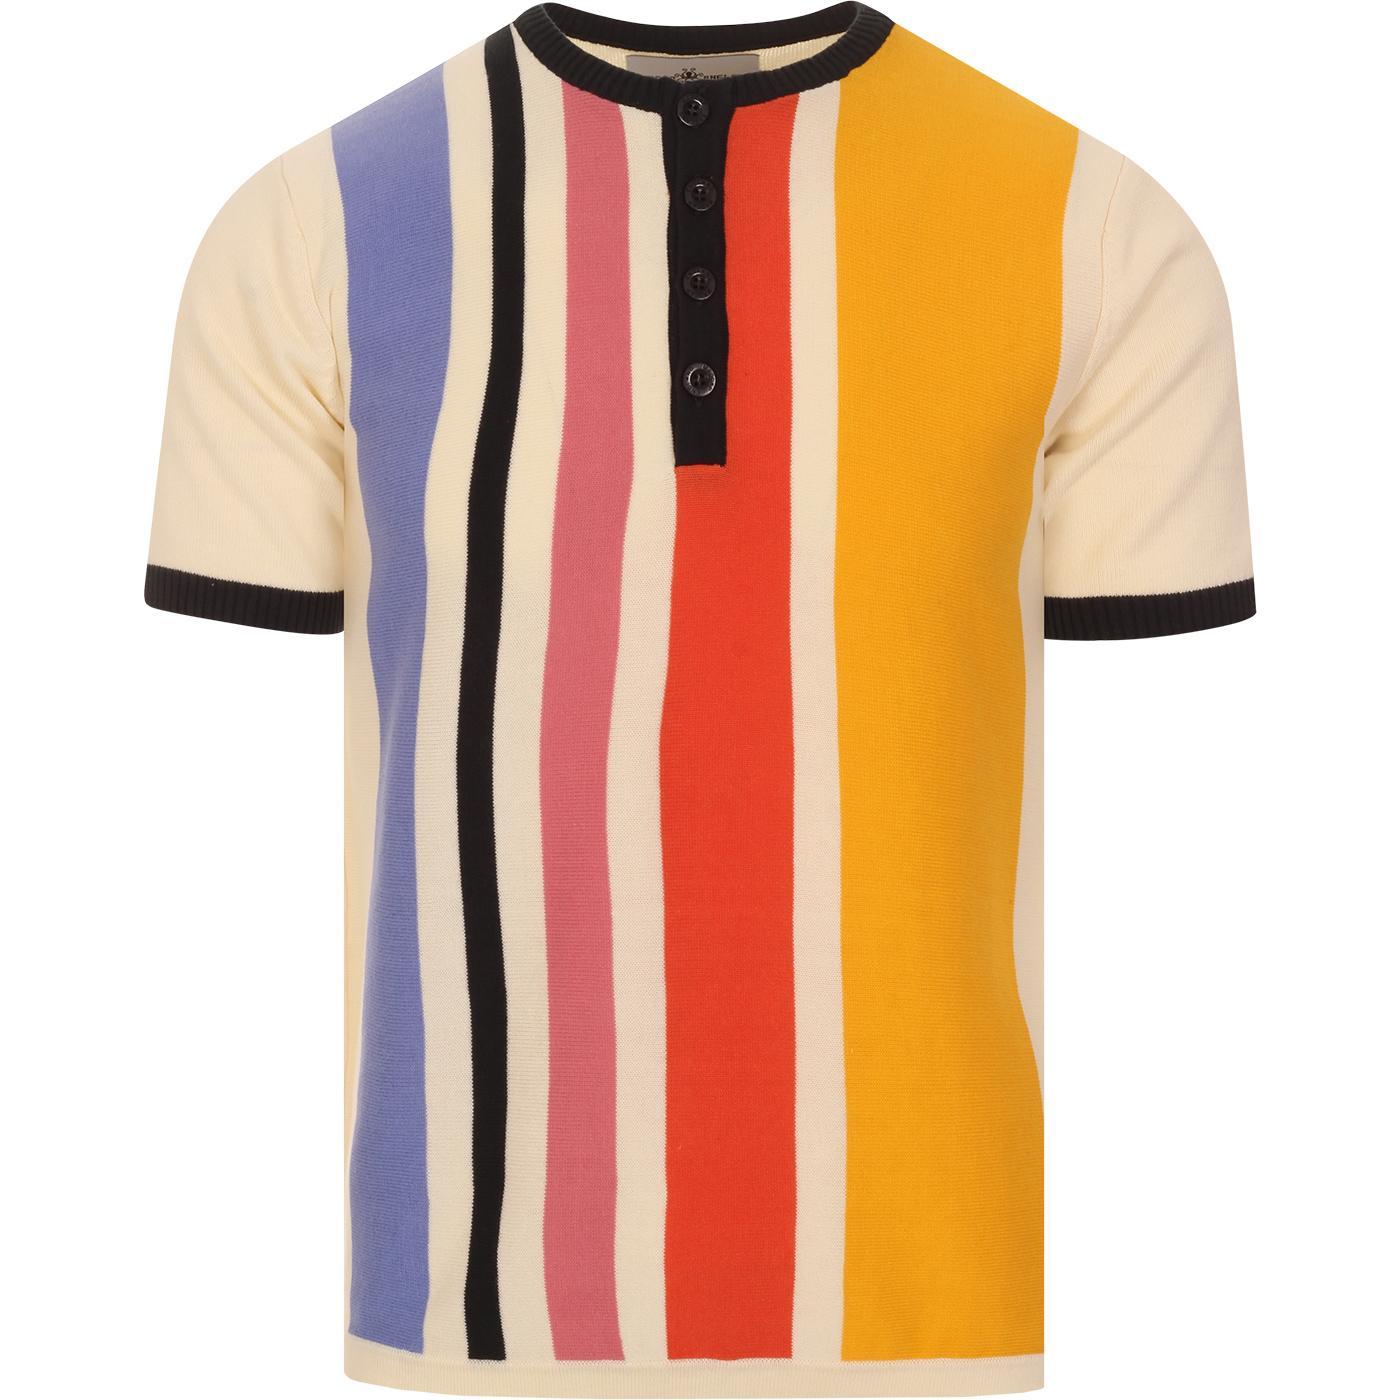 Zen MADCAP ENGLAND Mod Stripe Knit Grandad Top